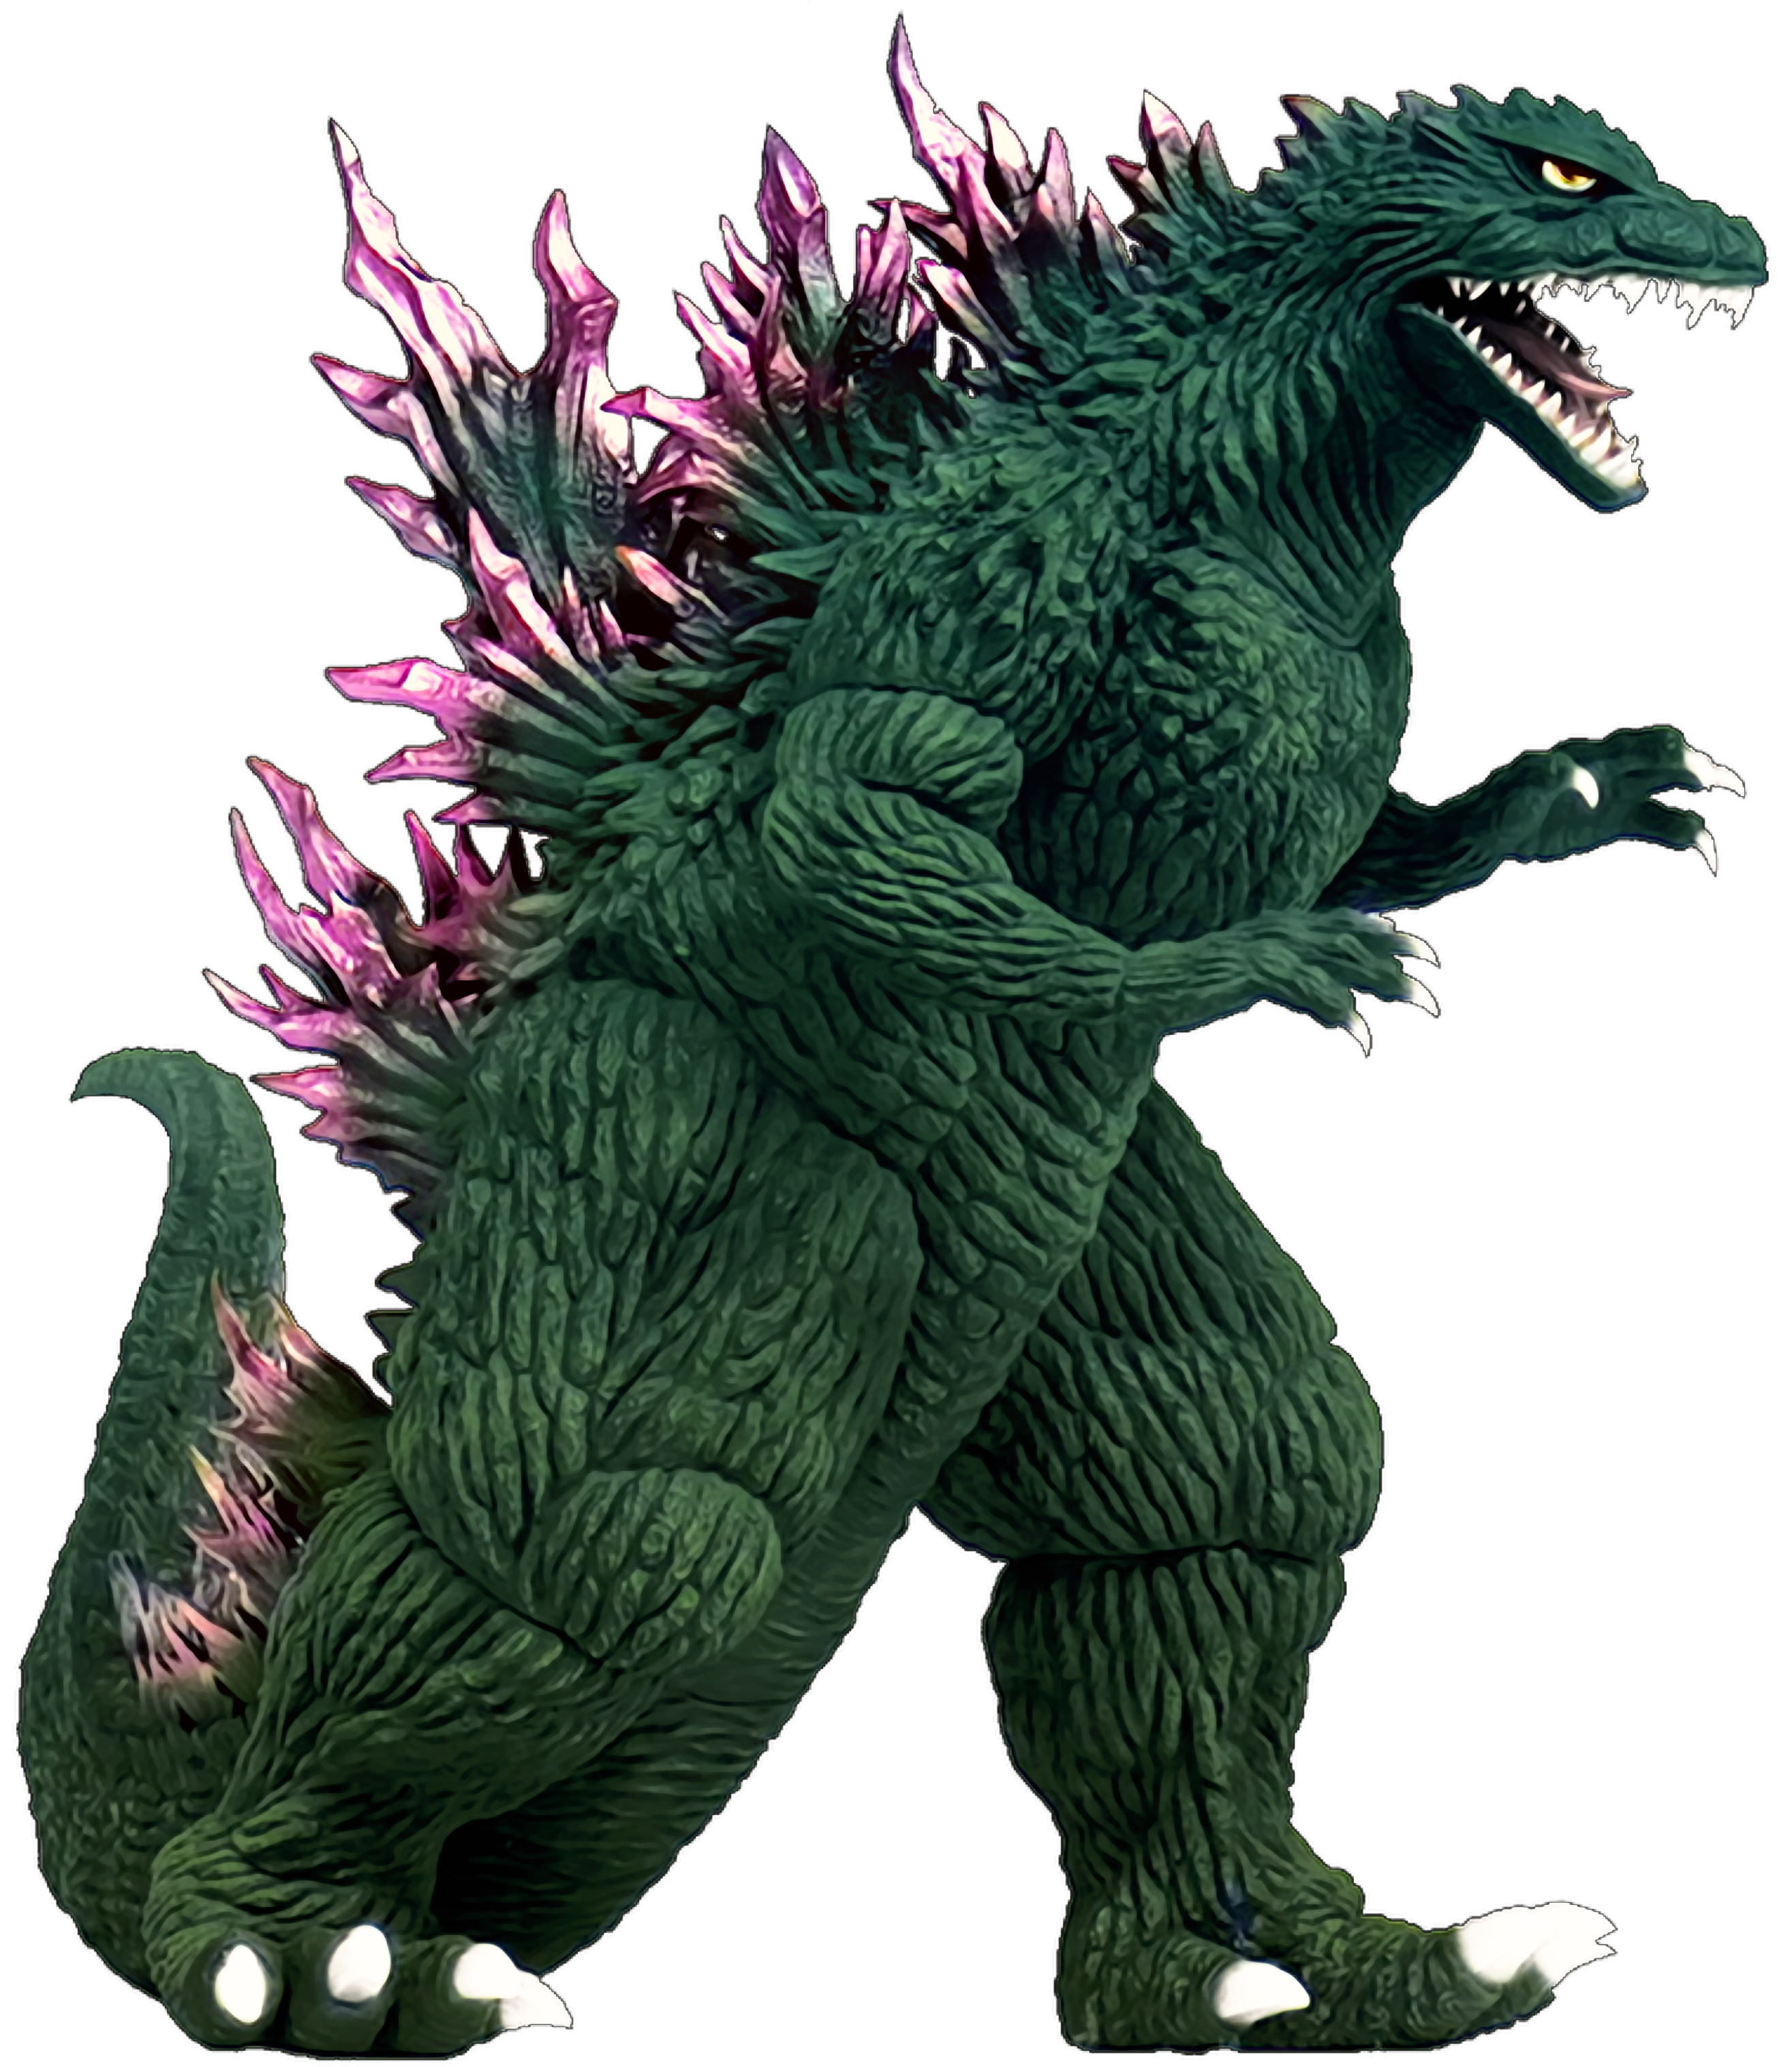 Godzilla (Godzilla vs. Megaguirus)